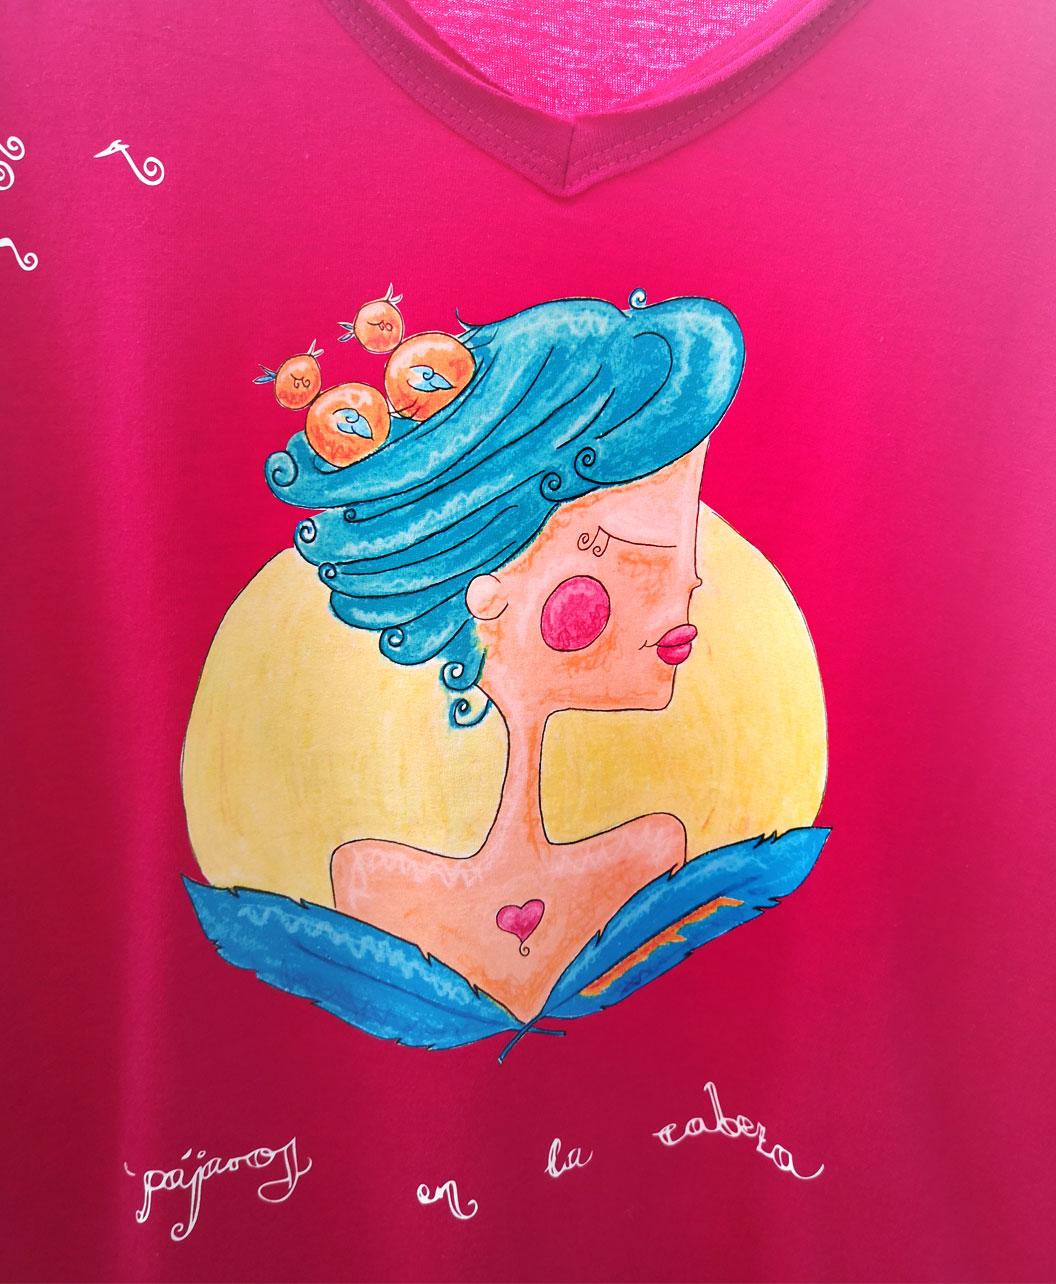 camiseta mujer cuello pico rosa fucsia original diferente con ilustracion y frase pajaros en la cabeza